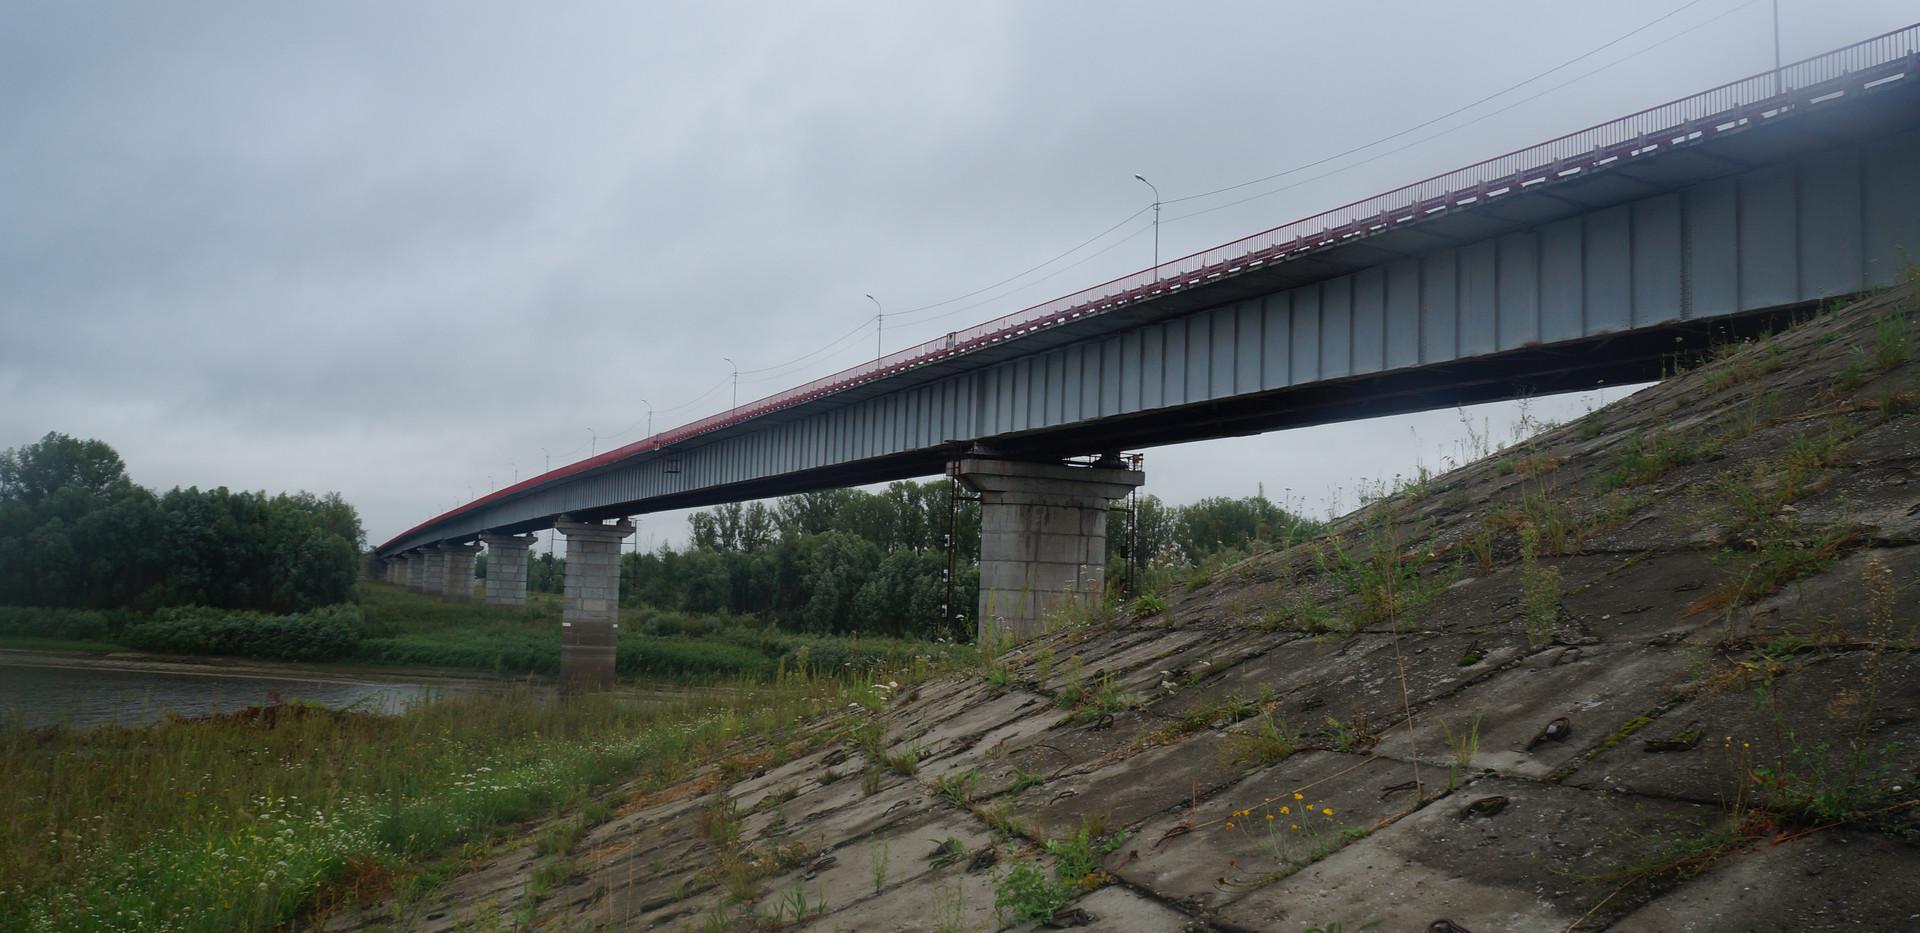 Обследование моста ч/з р. Тобол